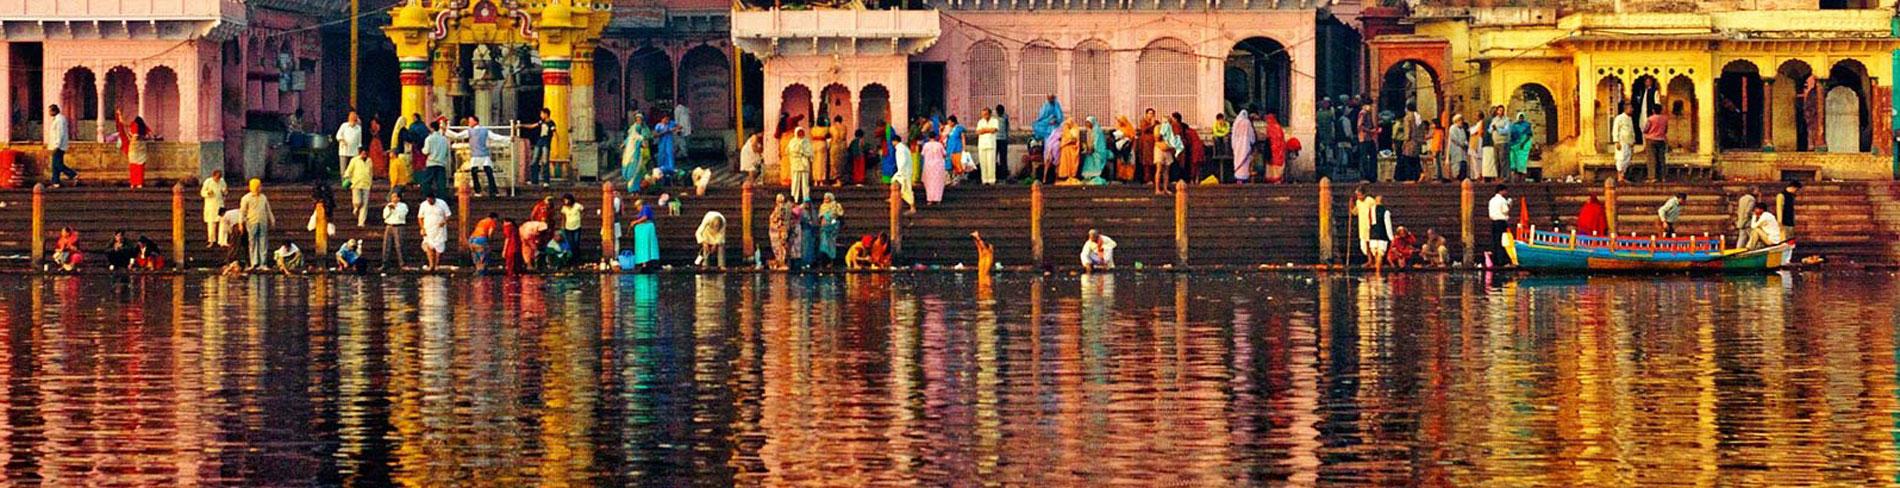 india-vishram-ghat-mathura-INDIAVISA05178